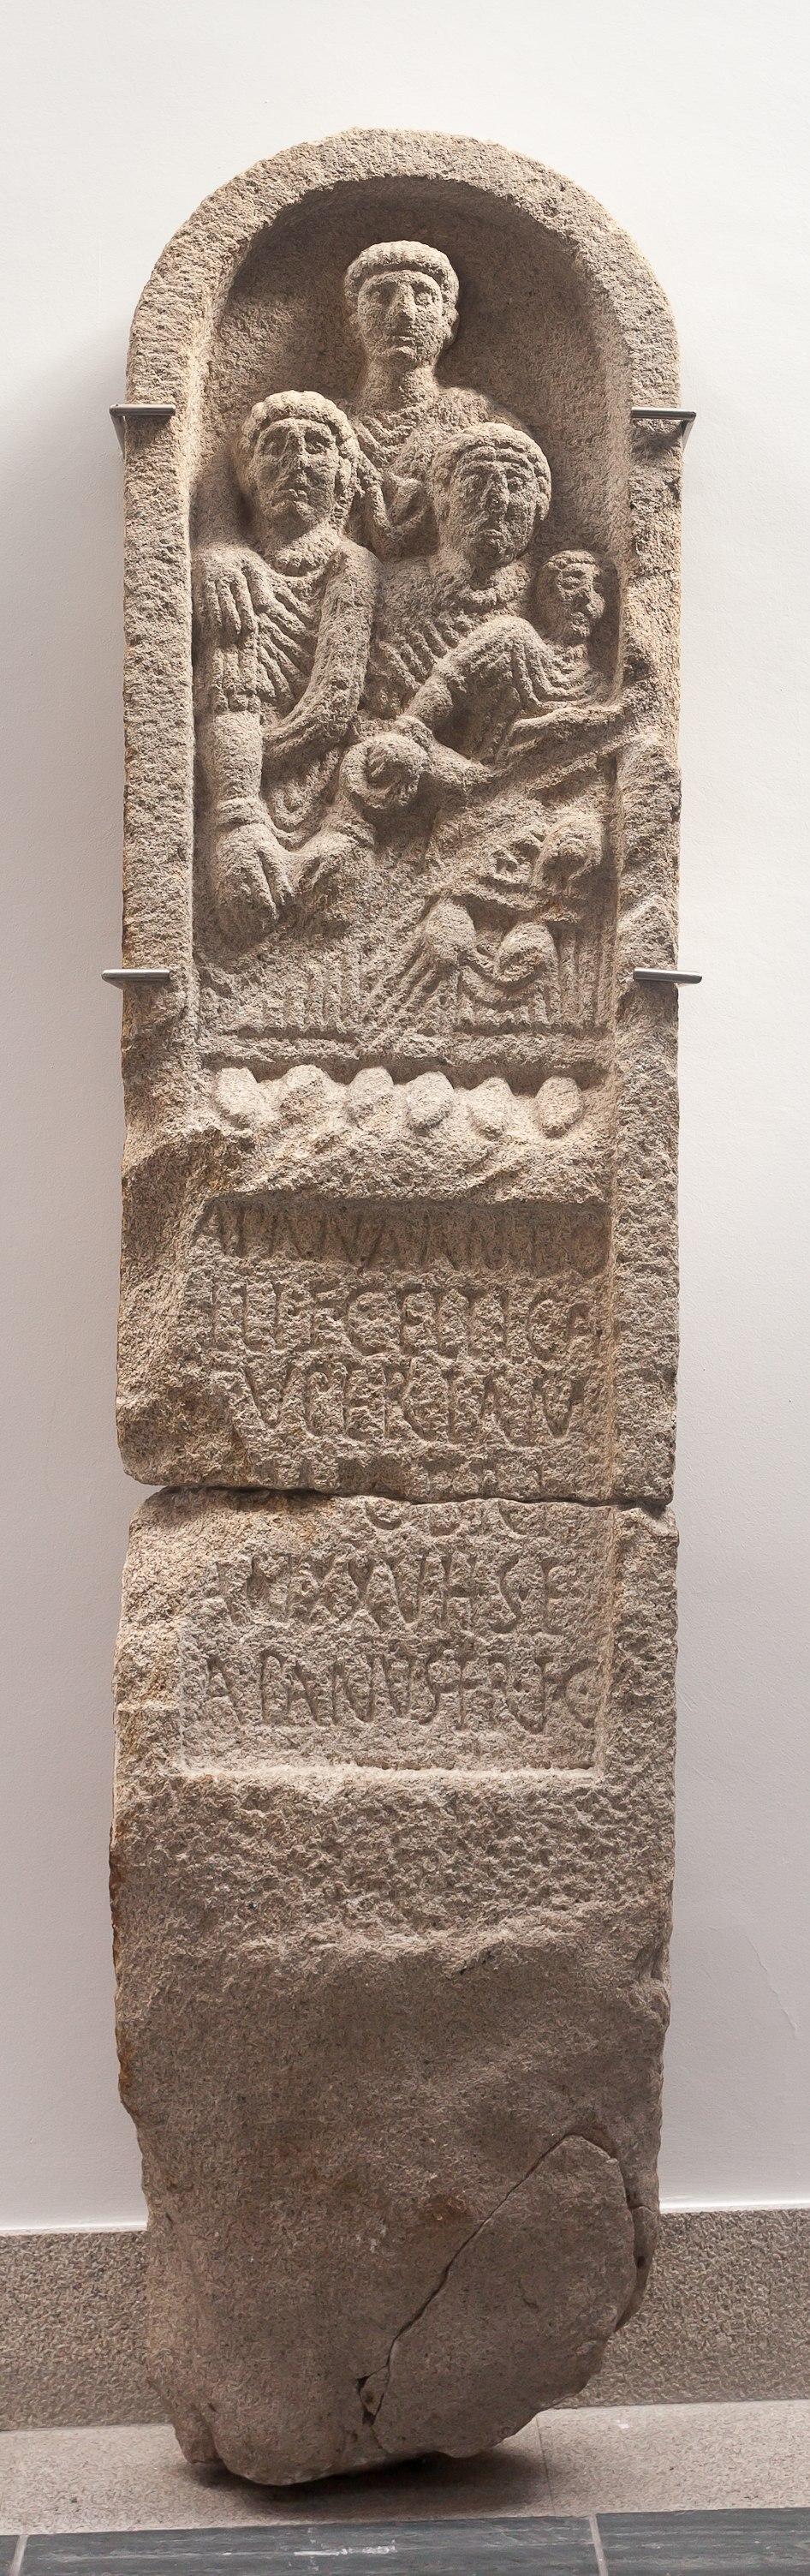 Estela de Crecente. Séc I dC. Museo Provincial de Lugo